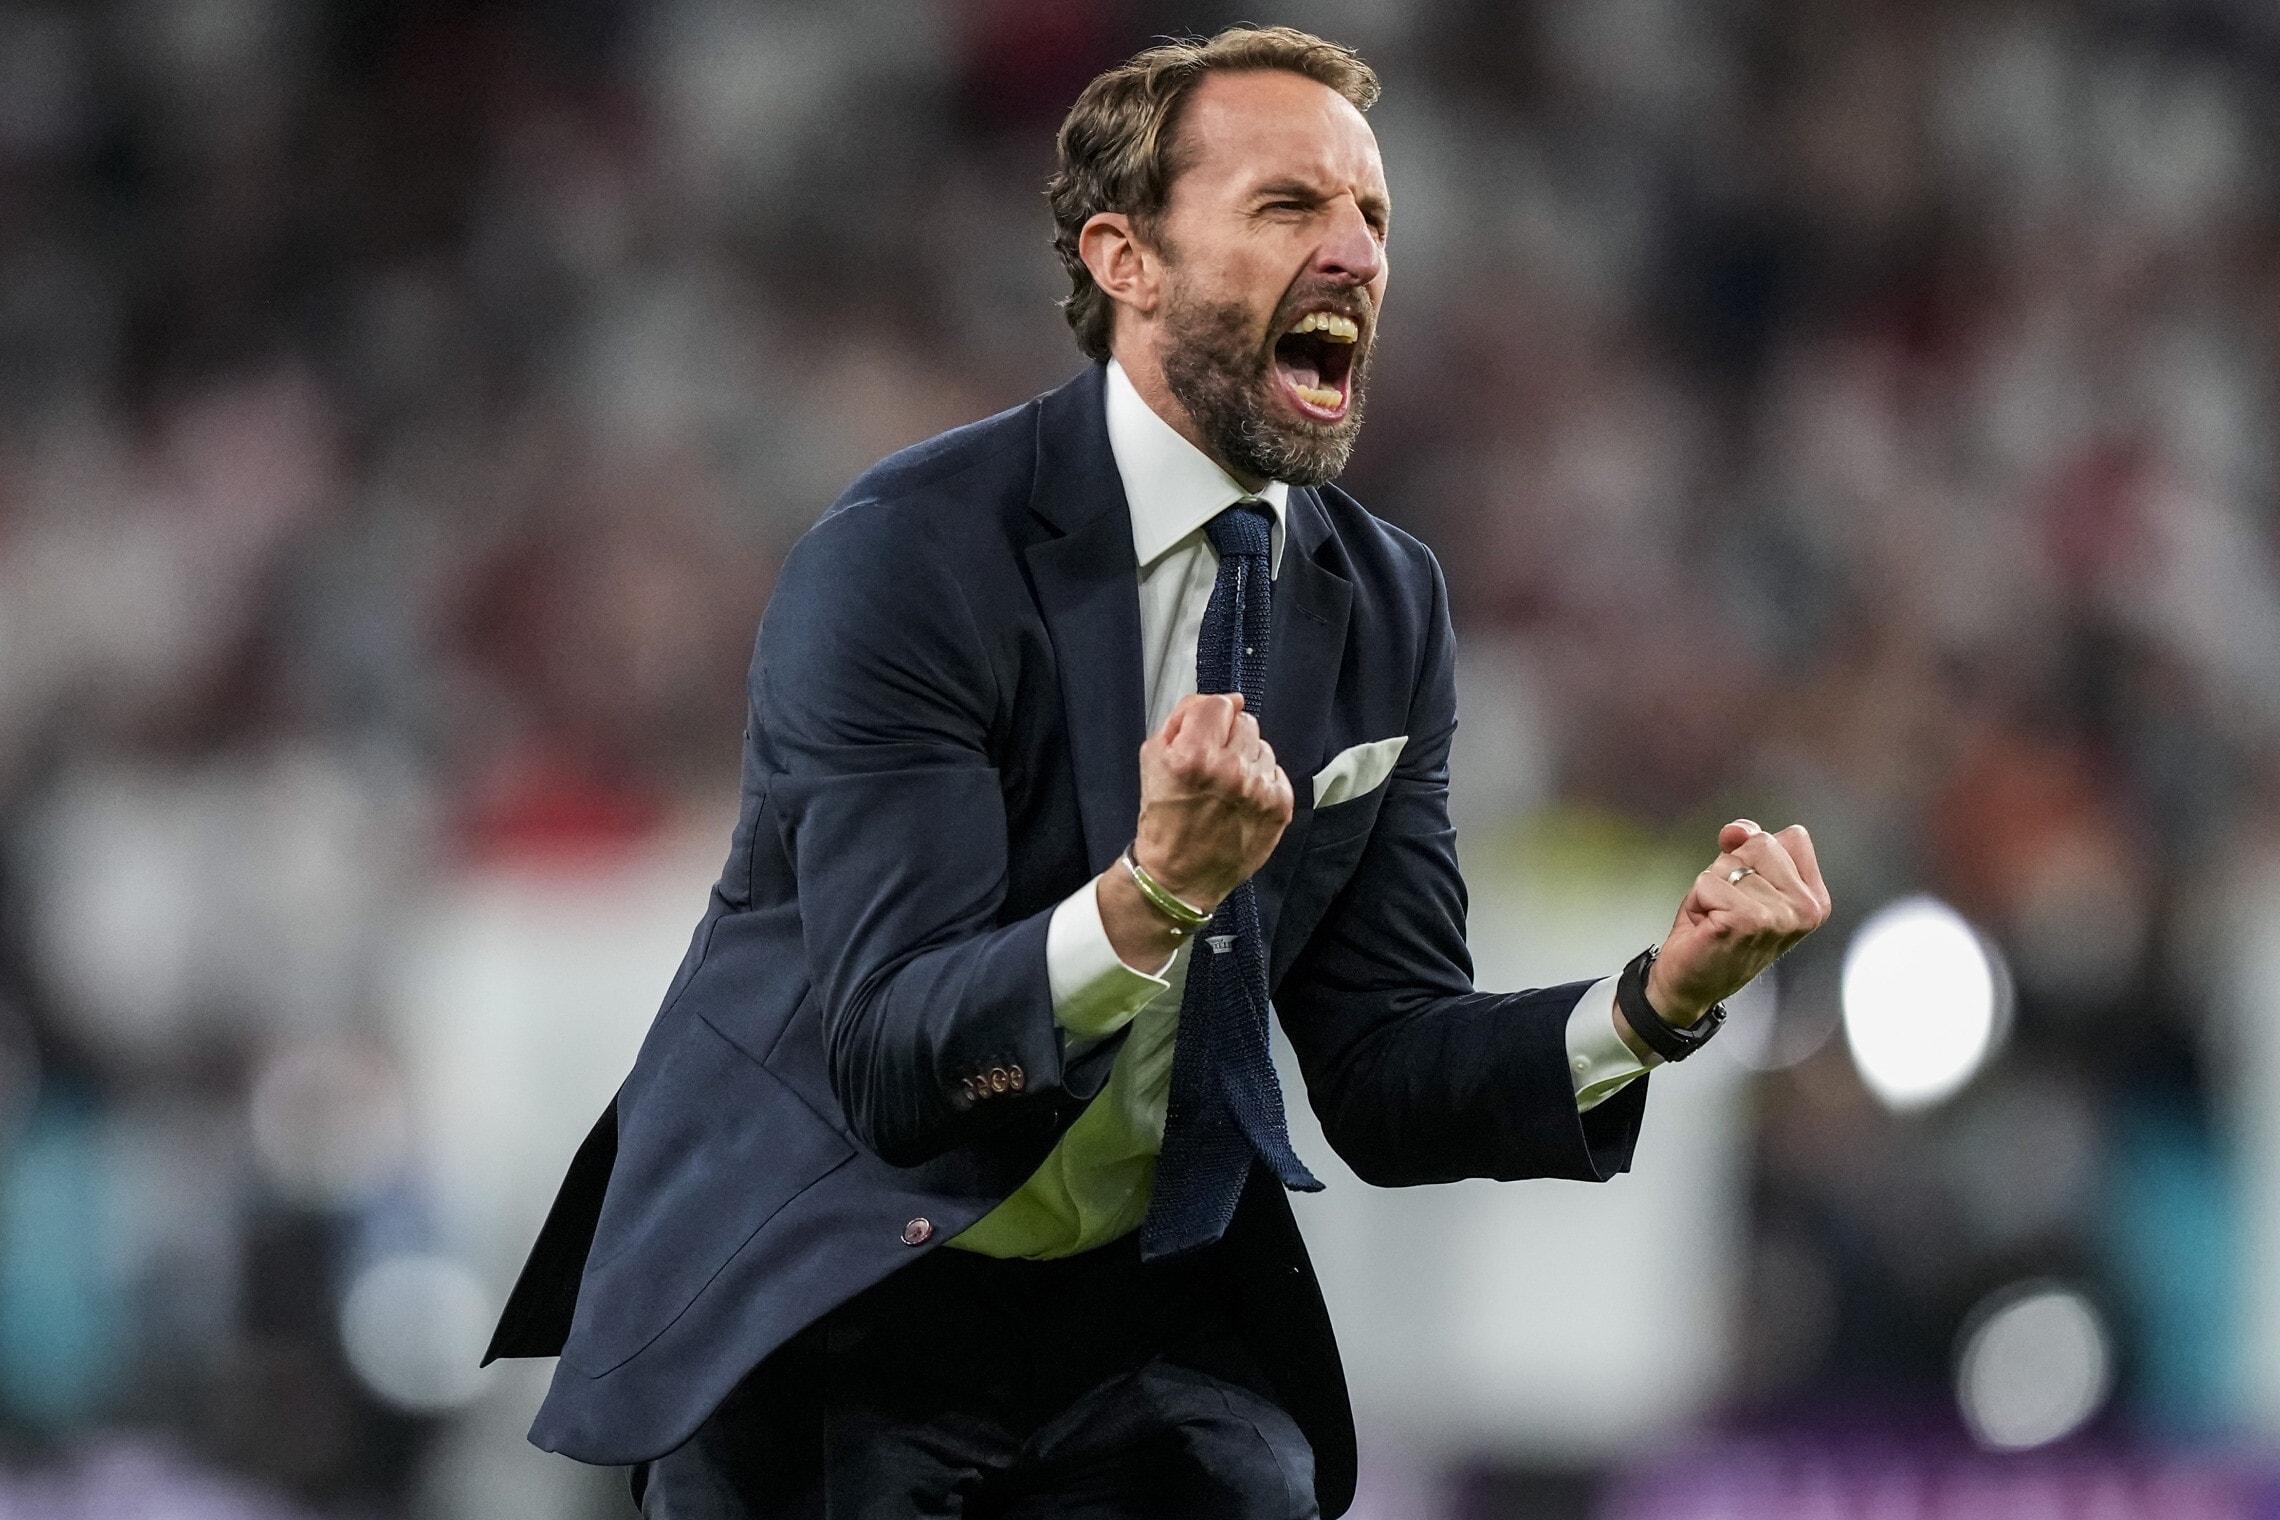 מאמן נבחרת אנגליה בכדורגל גארת' סאות'גייט אחרי הניצחון על דנמרק בחצי הגמר ביורו 2020, 7 ביולי 2021 (צילום: AP Photo/Frank Augstein)